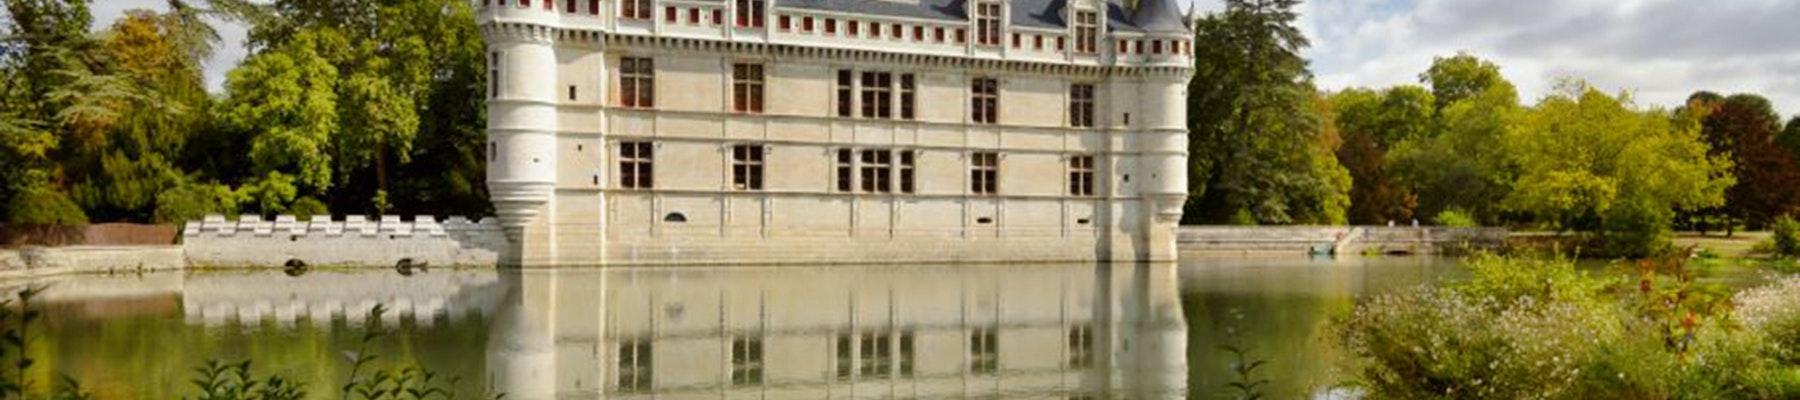 Château d'Azay-le-Rideau Castle